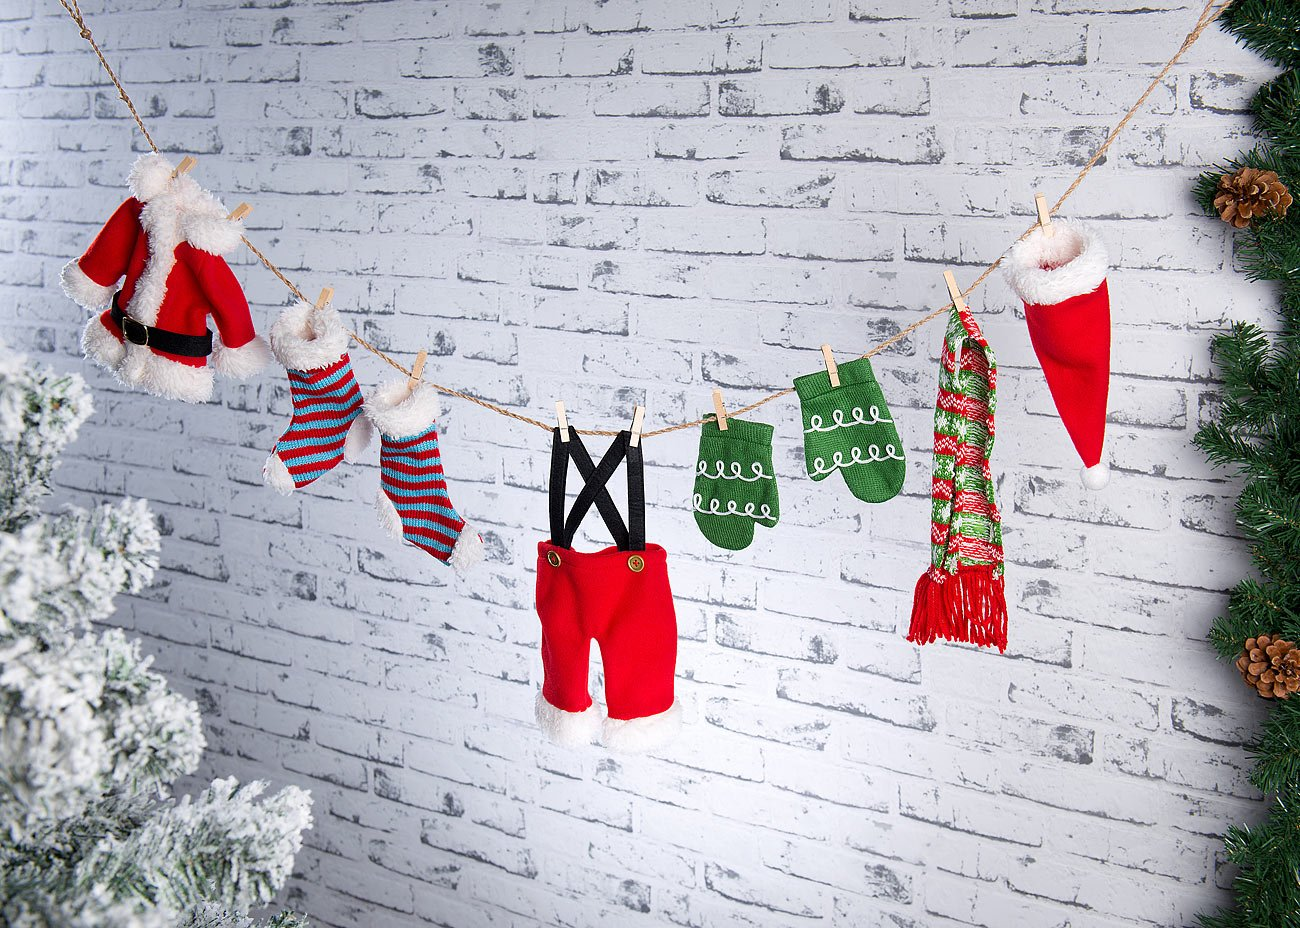 infactory-Weihnachtsdekos-Weihnachts-Deko-Girlande-Weihnachtsmann-Wscheleine-140-cm-Winterdekos